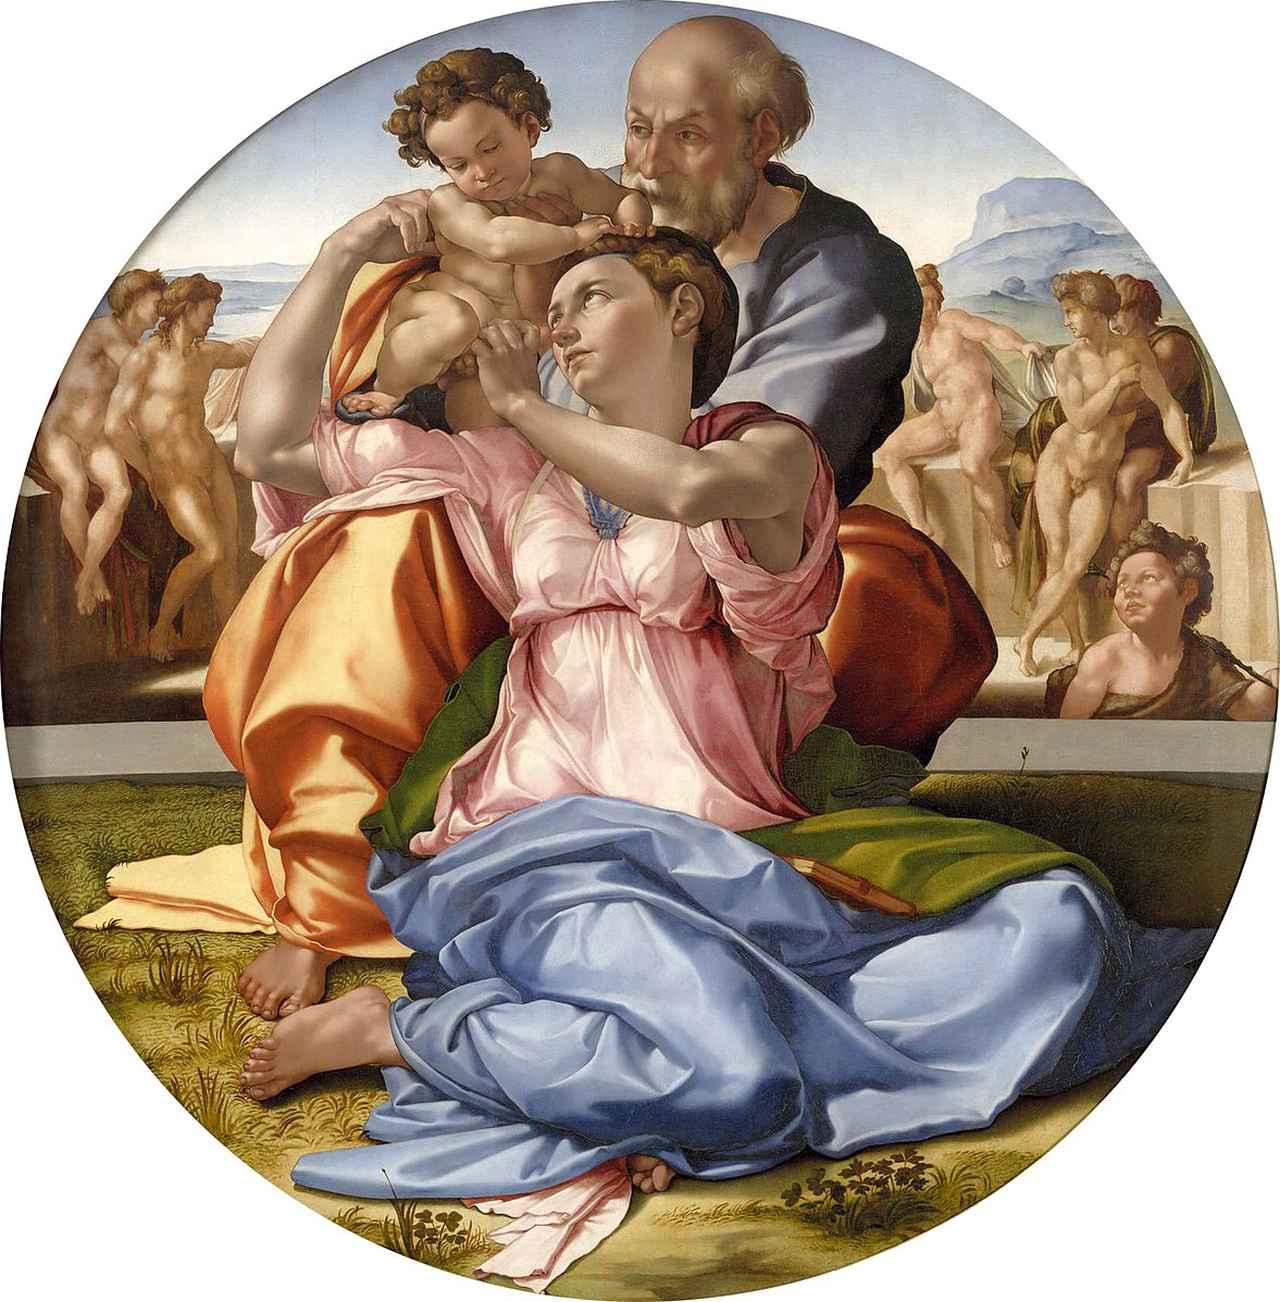 画像1: イタリア芸術 三大巨匠が交わる奇跡の世界線 <第10回/最終回>『ルネサンスの天才が残したもの、私たちが出会うもの』【好奇心で旅する海外】<芸術百華>